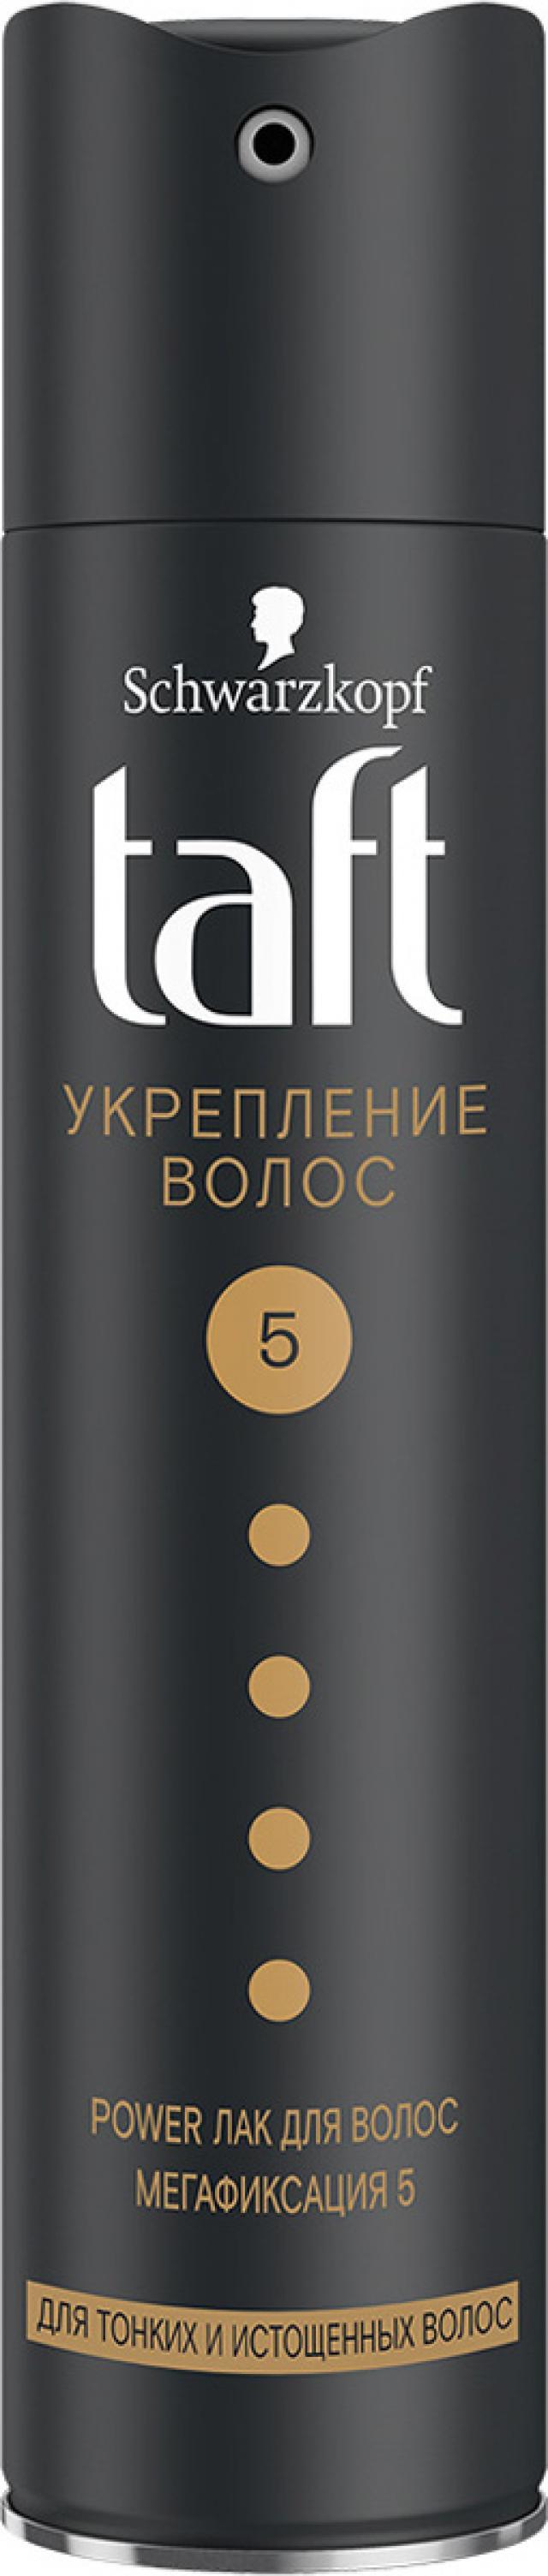 Тафт лак для волос укрепляющ. 225мл купить в Москве по цене от 0 рублей